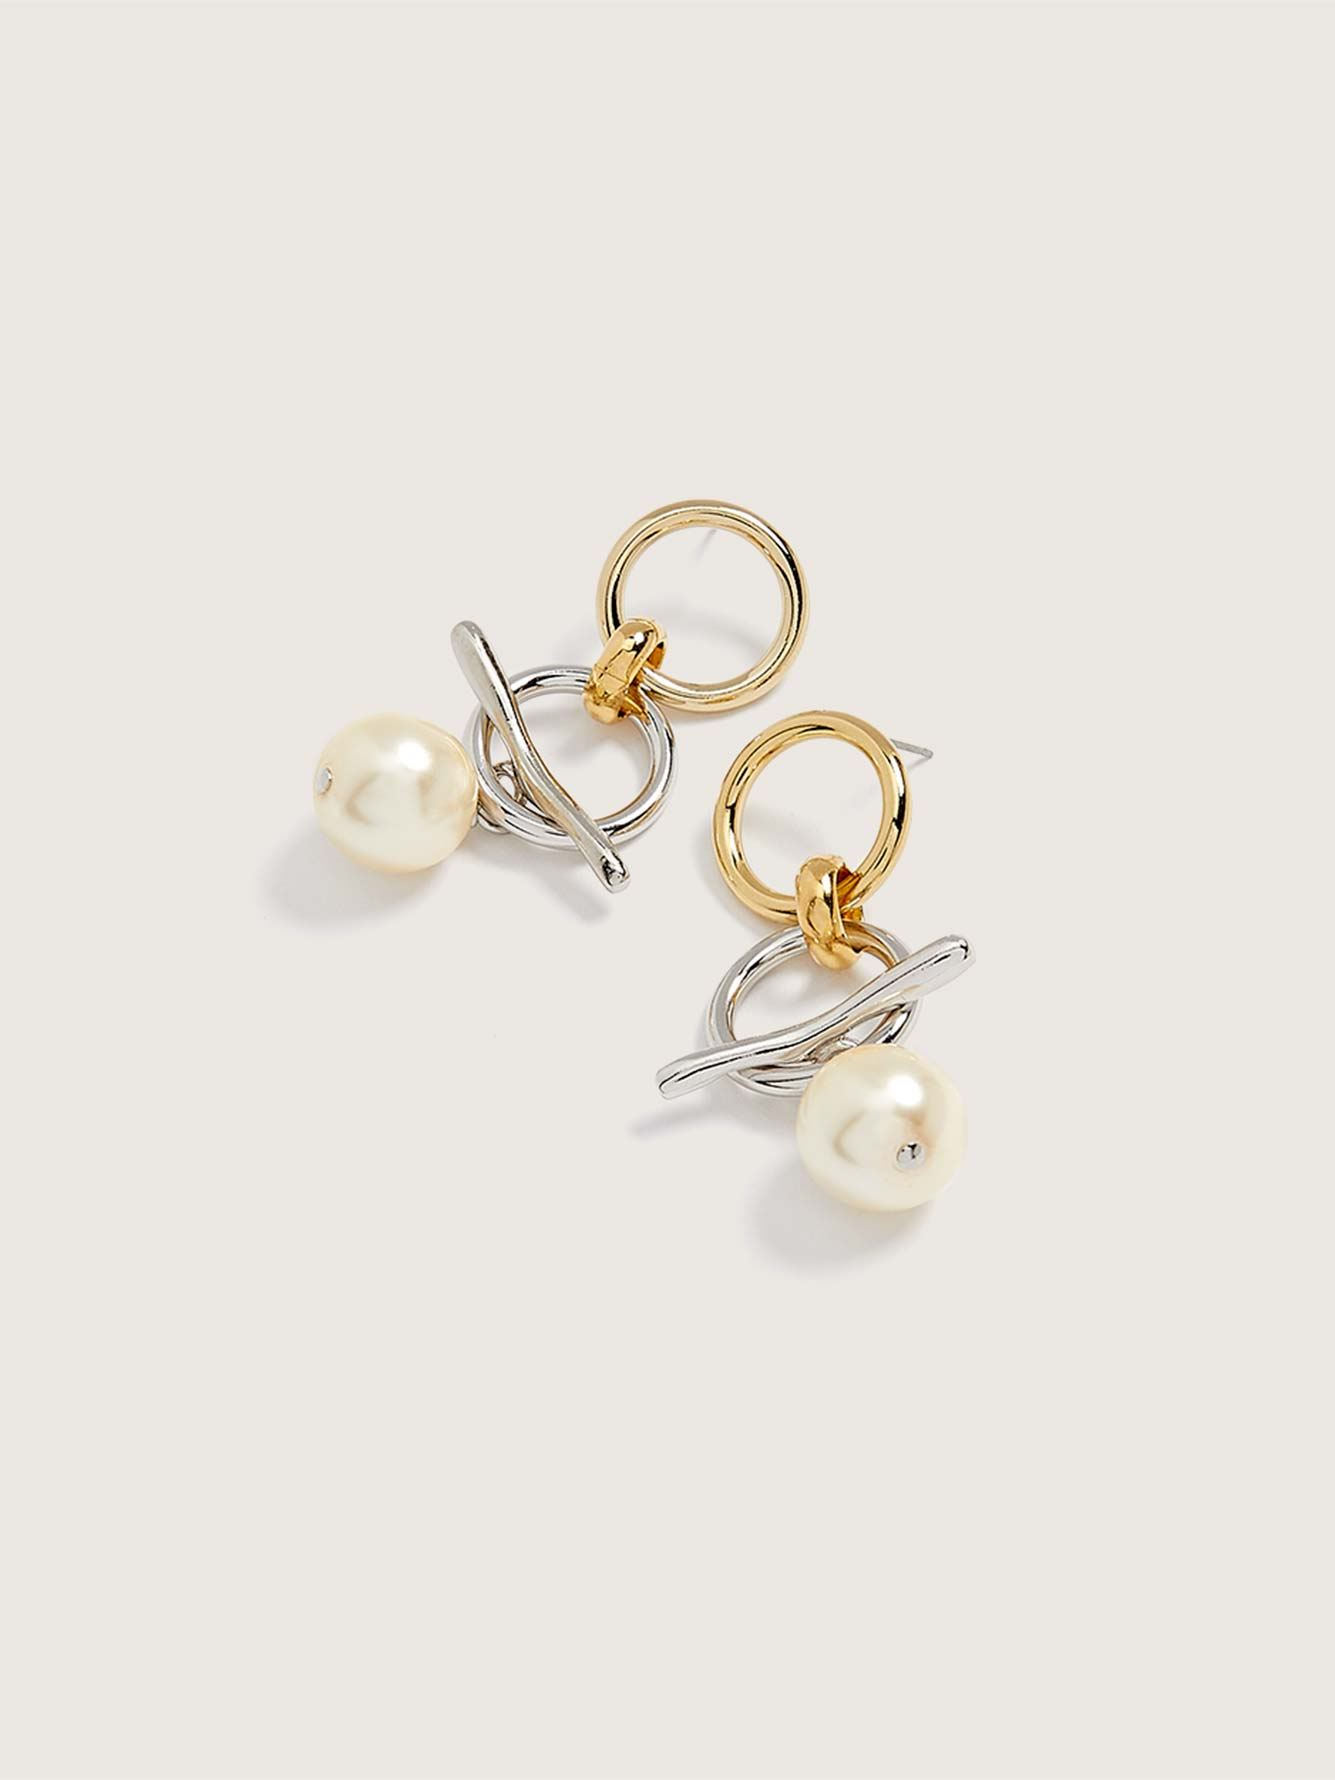 Adelphi 2-in-1 Stud Earrings - Biko